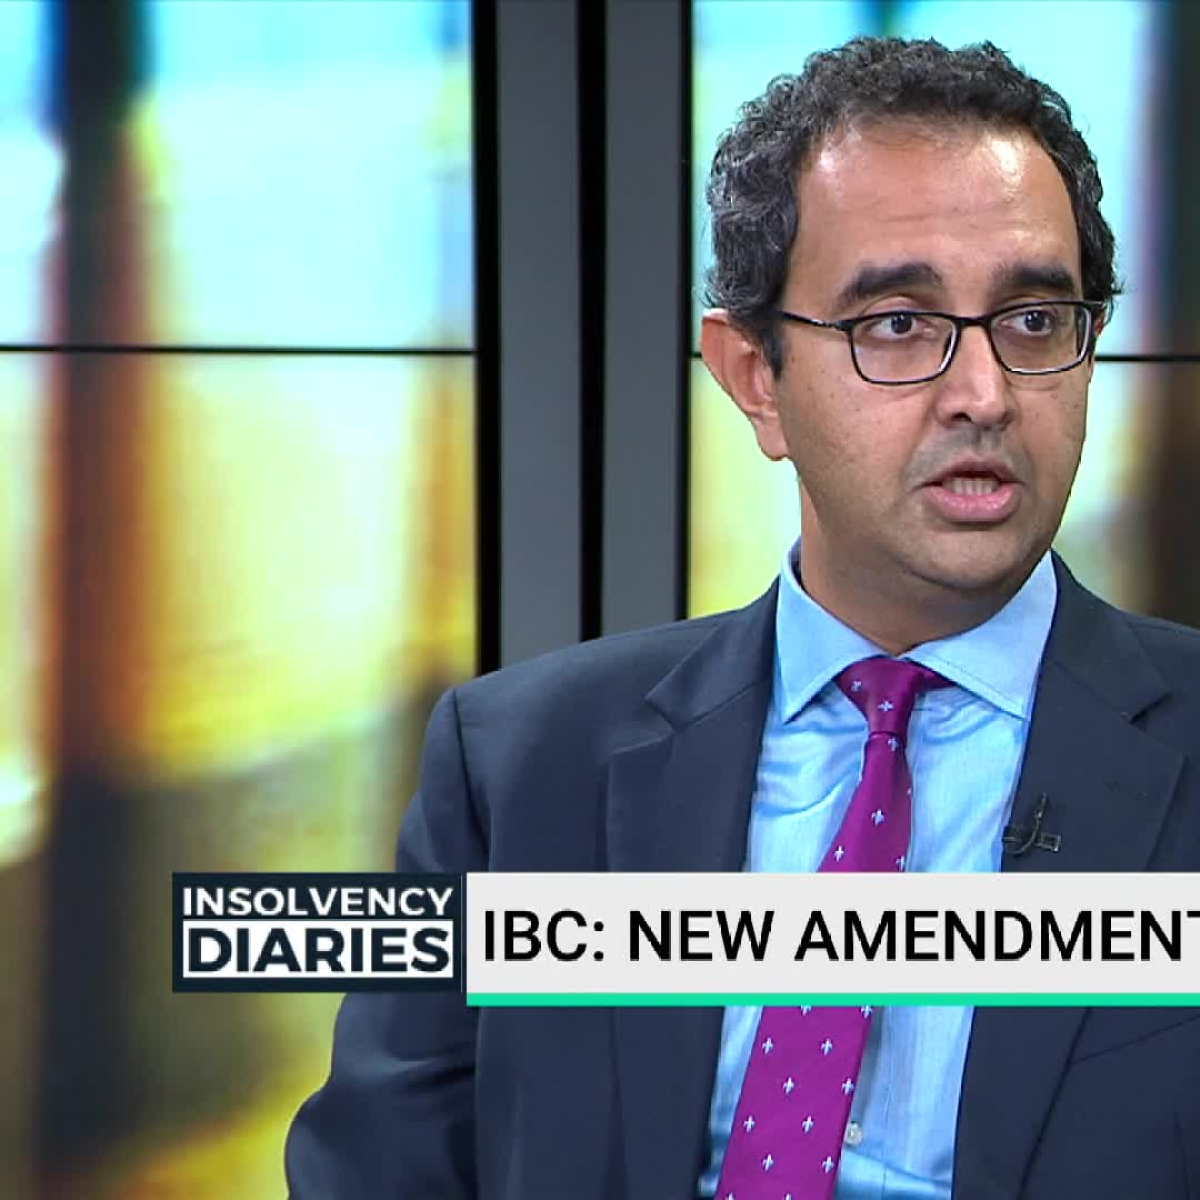 IBC Amendments: Tax Dues Waivers Under Plans?